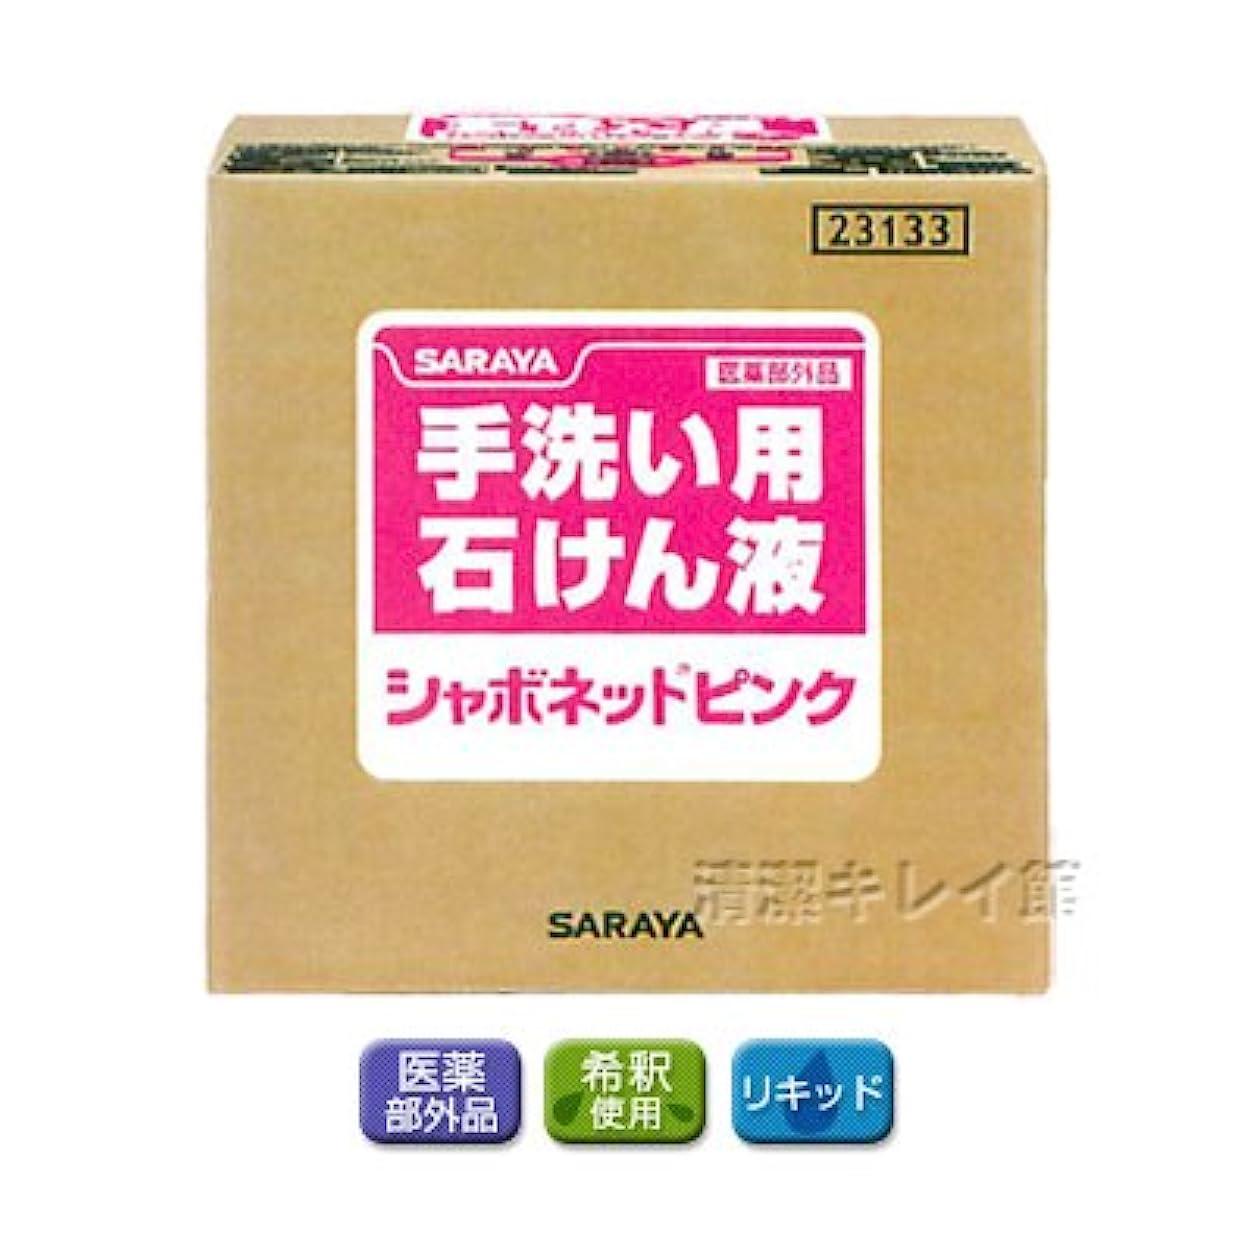 意志に反するほかに水【清潔キレイ館】サラヤ シャボネットピンク(20kg)